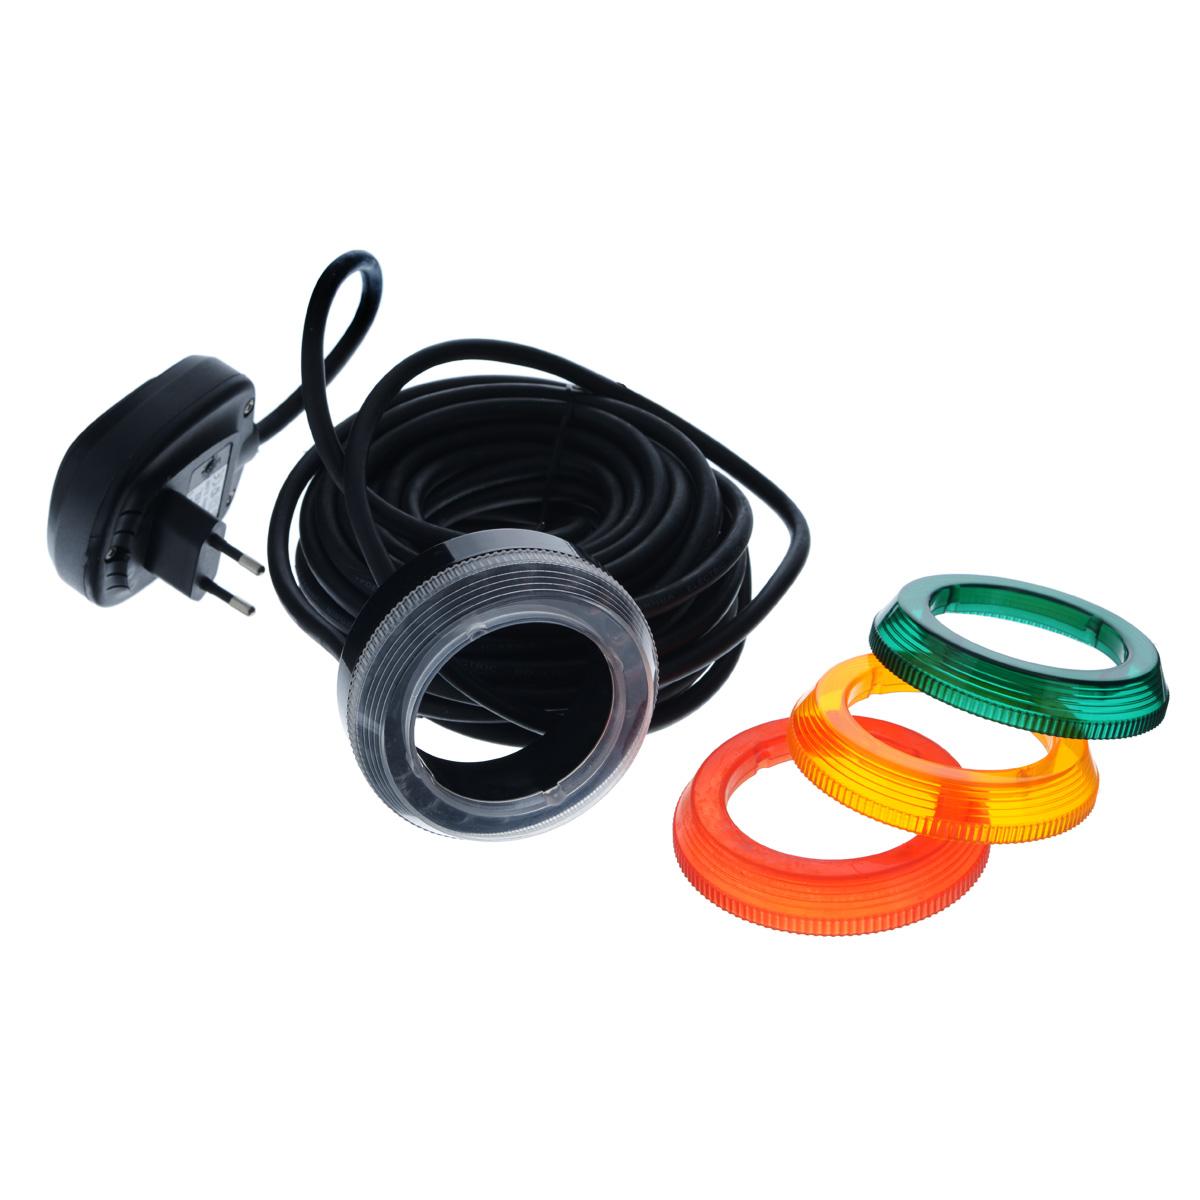 """Насадка на разбрызгиватель Aquael """"Light Play Ring"""" предназначена для создания водных световых эффектов или для освещения декоративных элементов под водой (в фонтанах, каскадах, искусственных водоемах, садовых водоемах, бассейнах, в саду возле дома), а так же на открытой поверхности, т.е. вне помещений. Конструкция светильников основана на использовании современной техники источников света LED. Их достоинством является очень маленький расход электроэнергии, небольшое количество выделяемого тепла, кроме того отсутствует необходимость замены светодиодов. Кабель питания имеет длину 10 метров и представляет возможность размещения устройства в любом месте. Кабель светильника можно отключить от трансформатора, а это значит, что очень удобно устанавливать и подключать эти источники света. Светильник приспособлен для непрерывной работы. В комплекте 4 сменные насадки белого, красного, оранжевого и зеленого цветов. Размер насадки: 8,5 см х 8,5 см х 3 см.Длина провода: 10 м."""